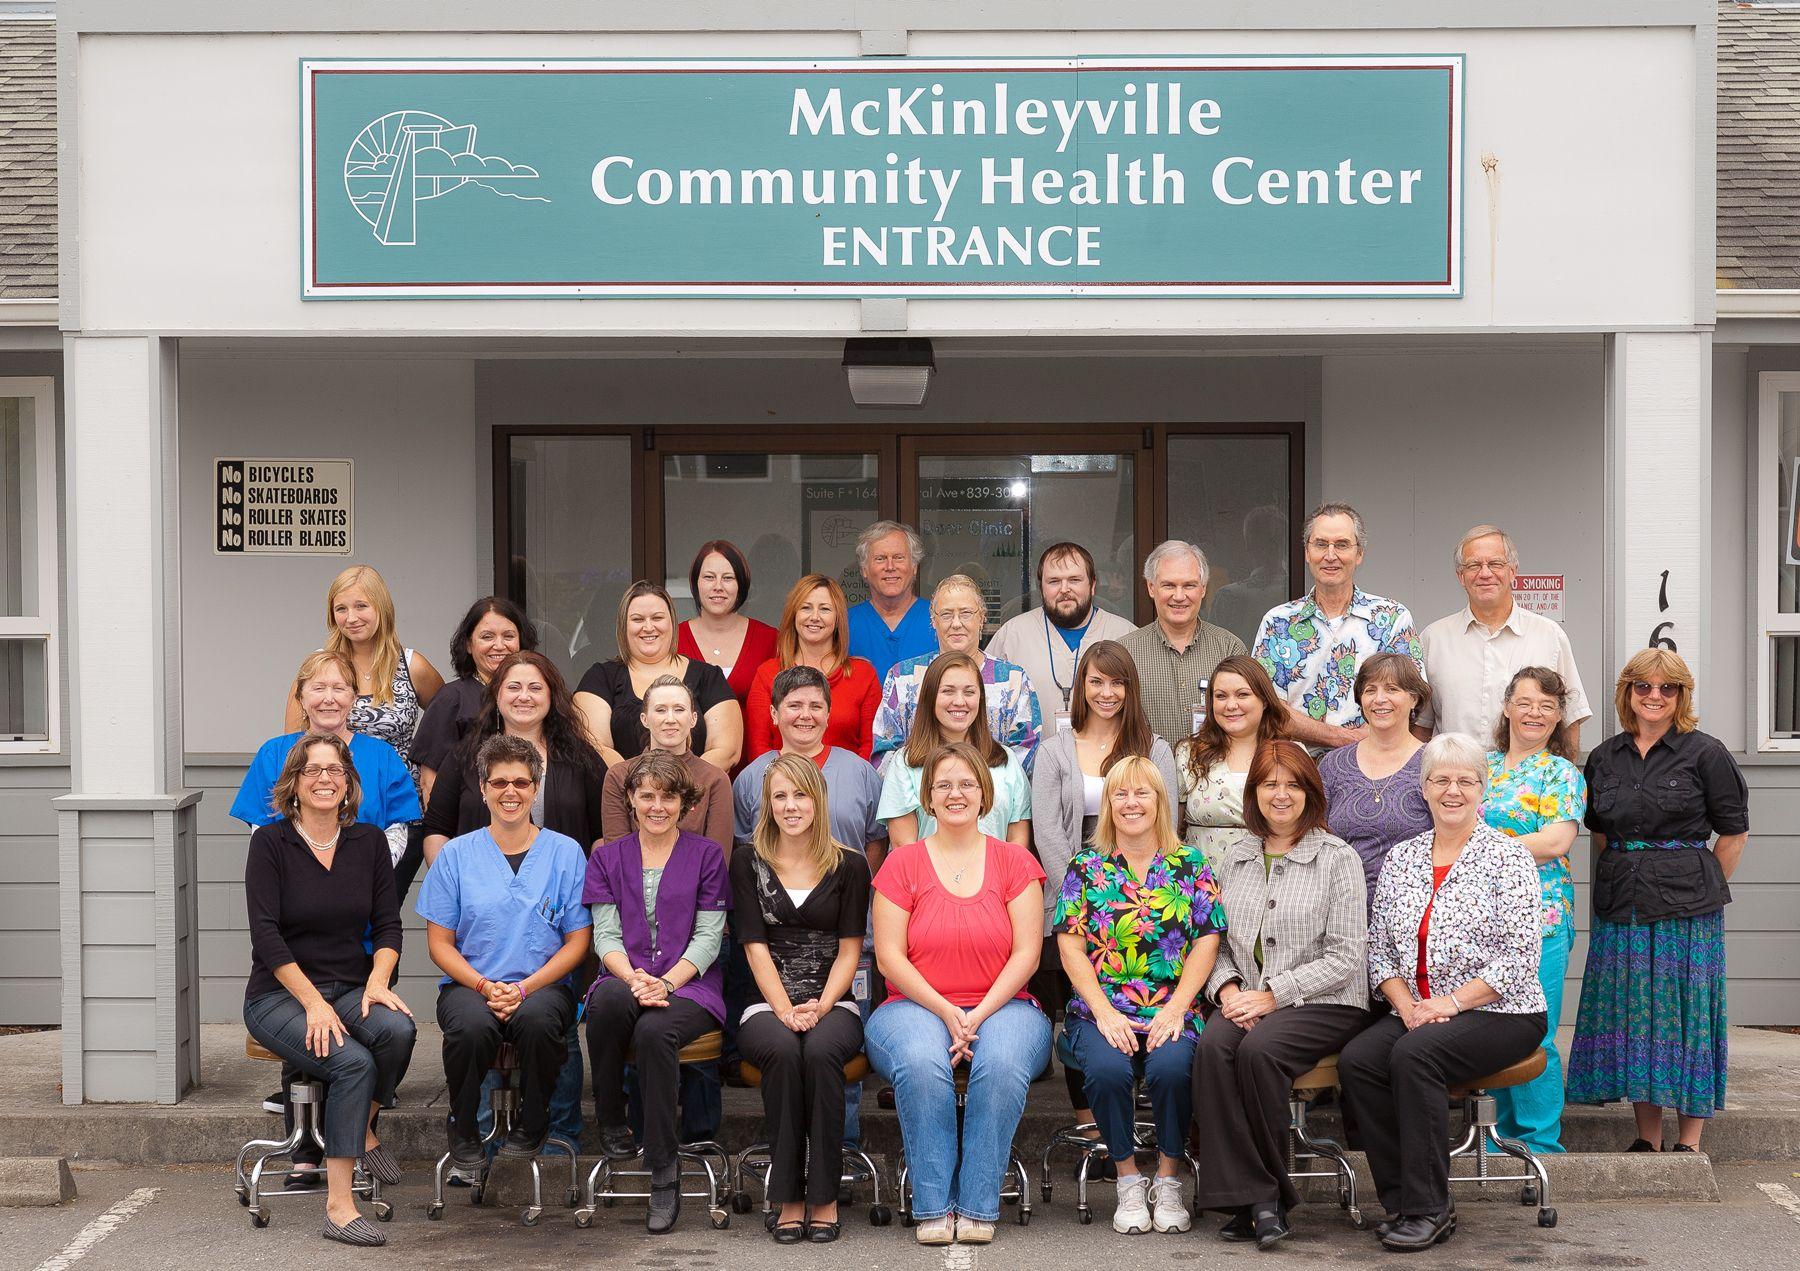 Mckinleyville Community Health Center Health Center Mckinleyville Health